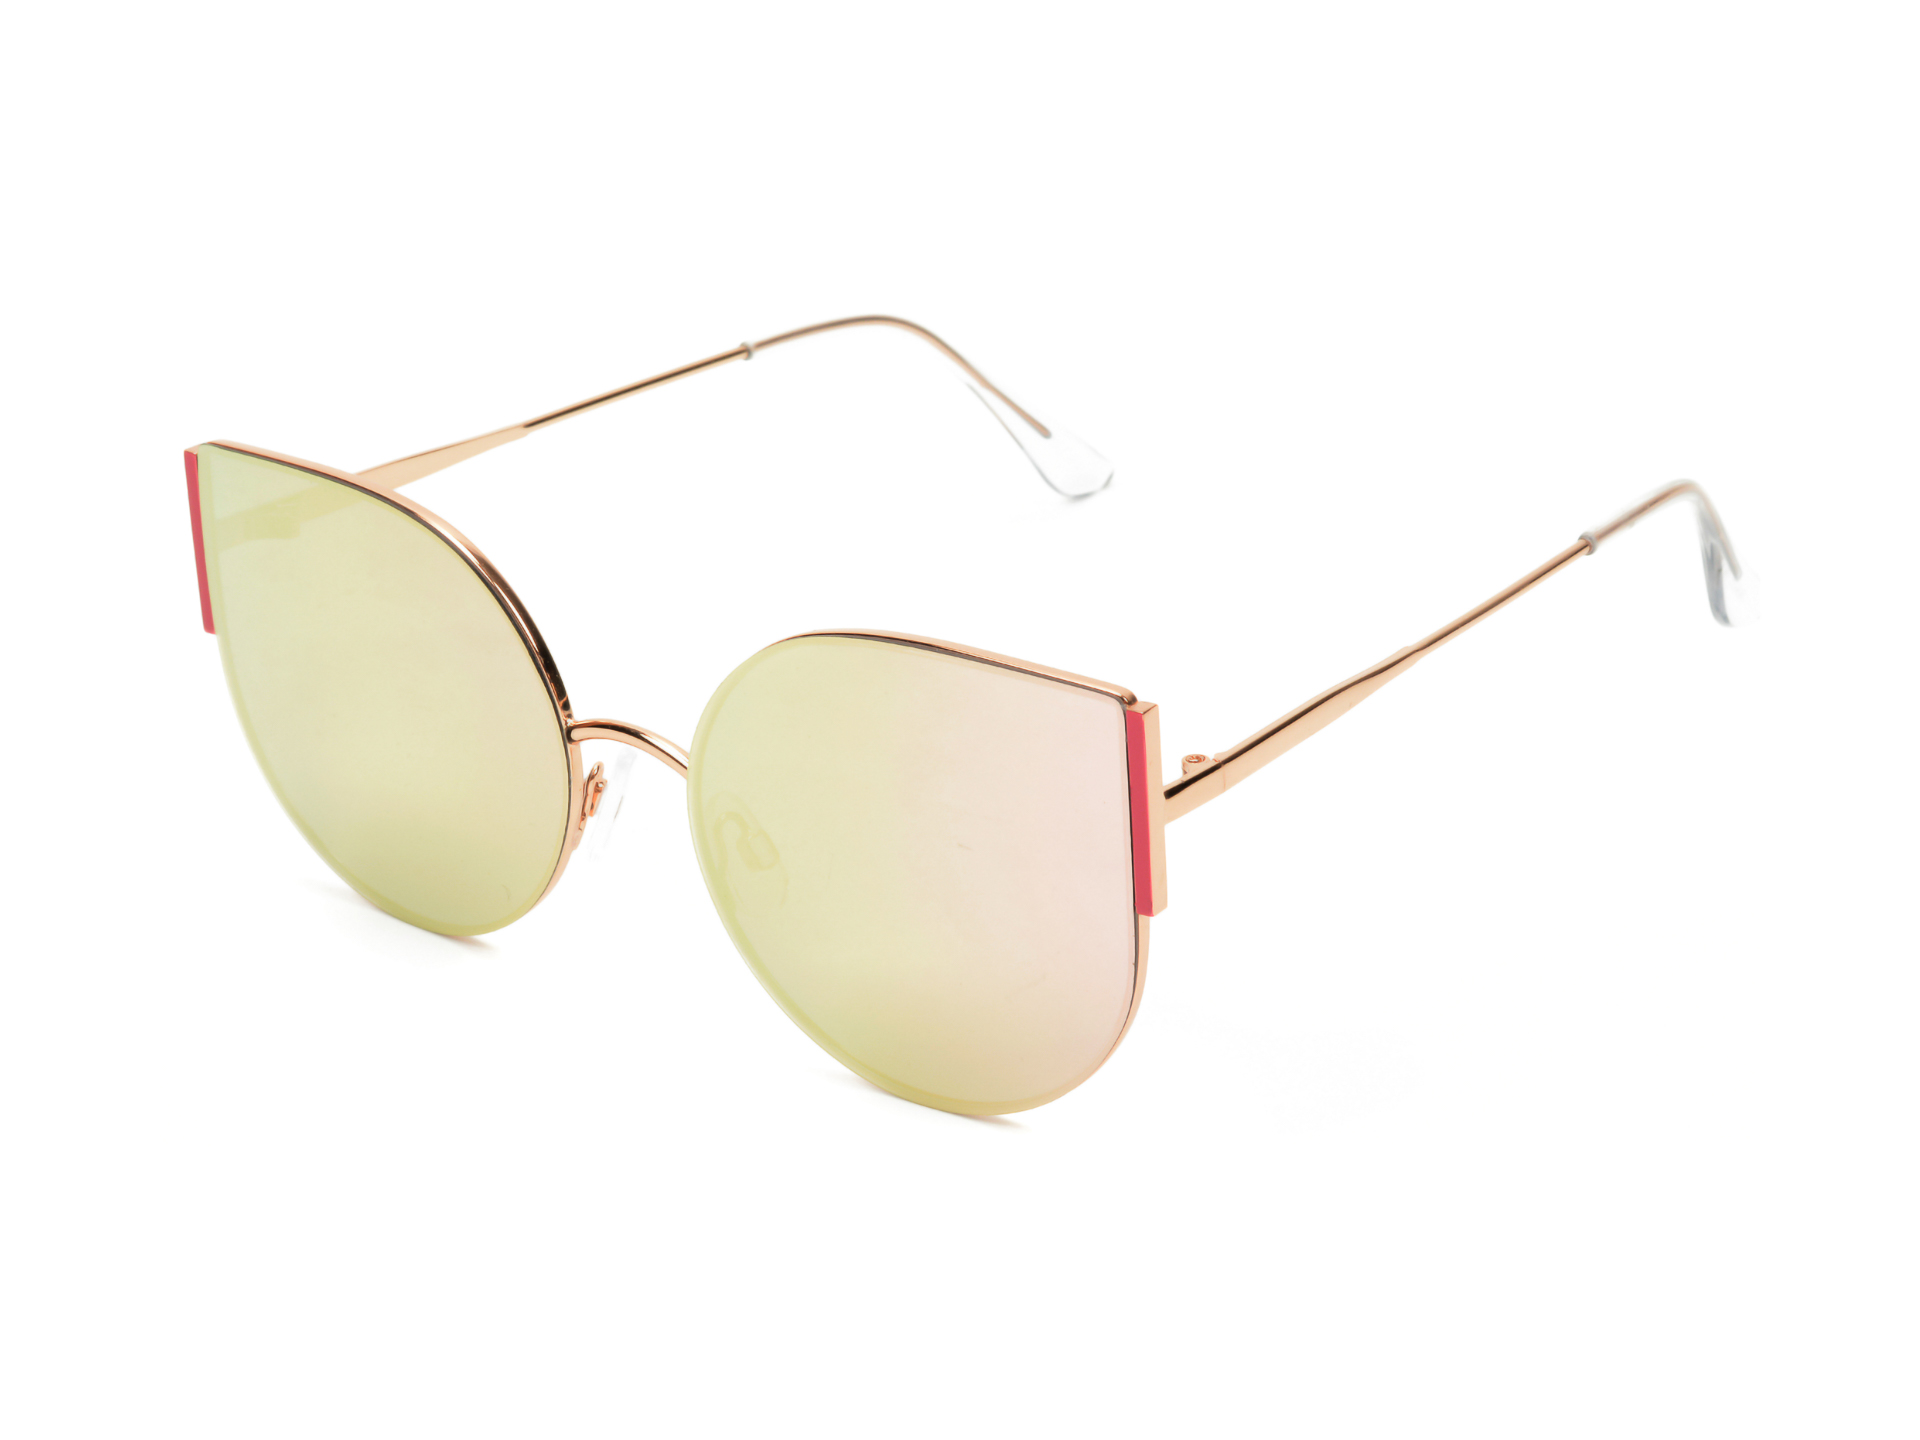 Ochelari de soare ALDO roz, Nellia650, din PVC New